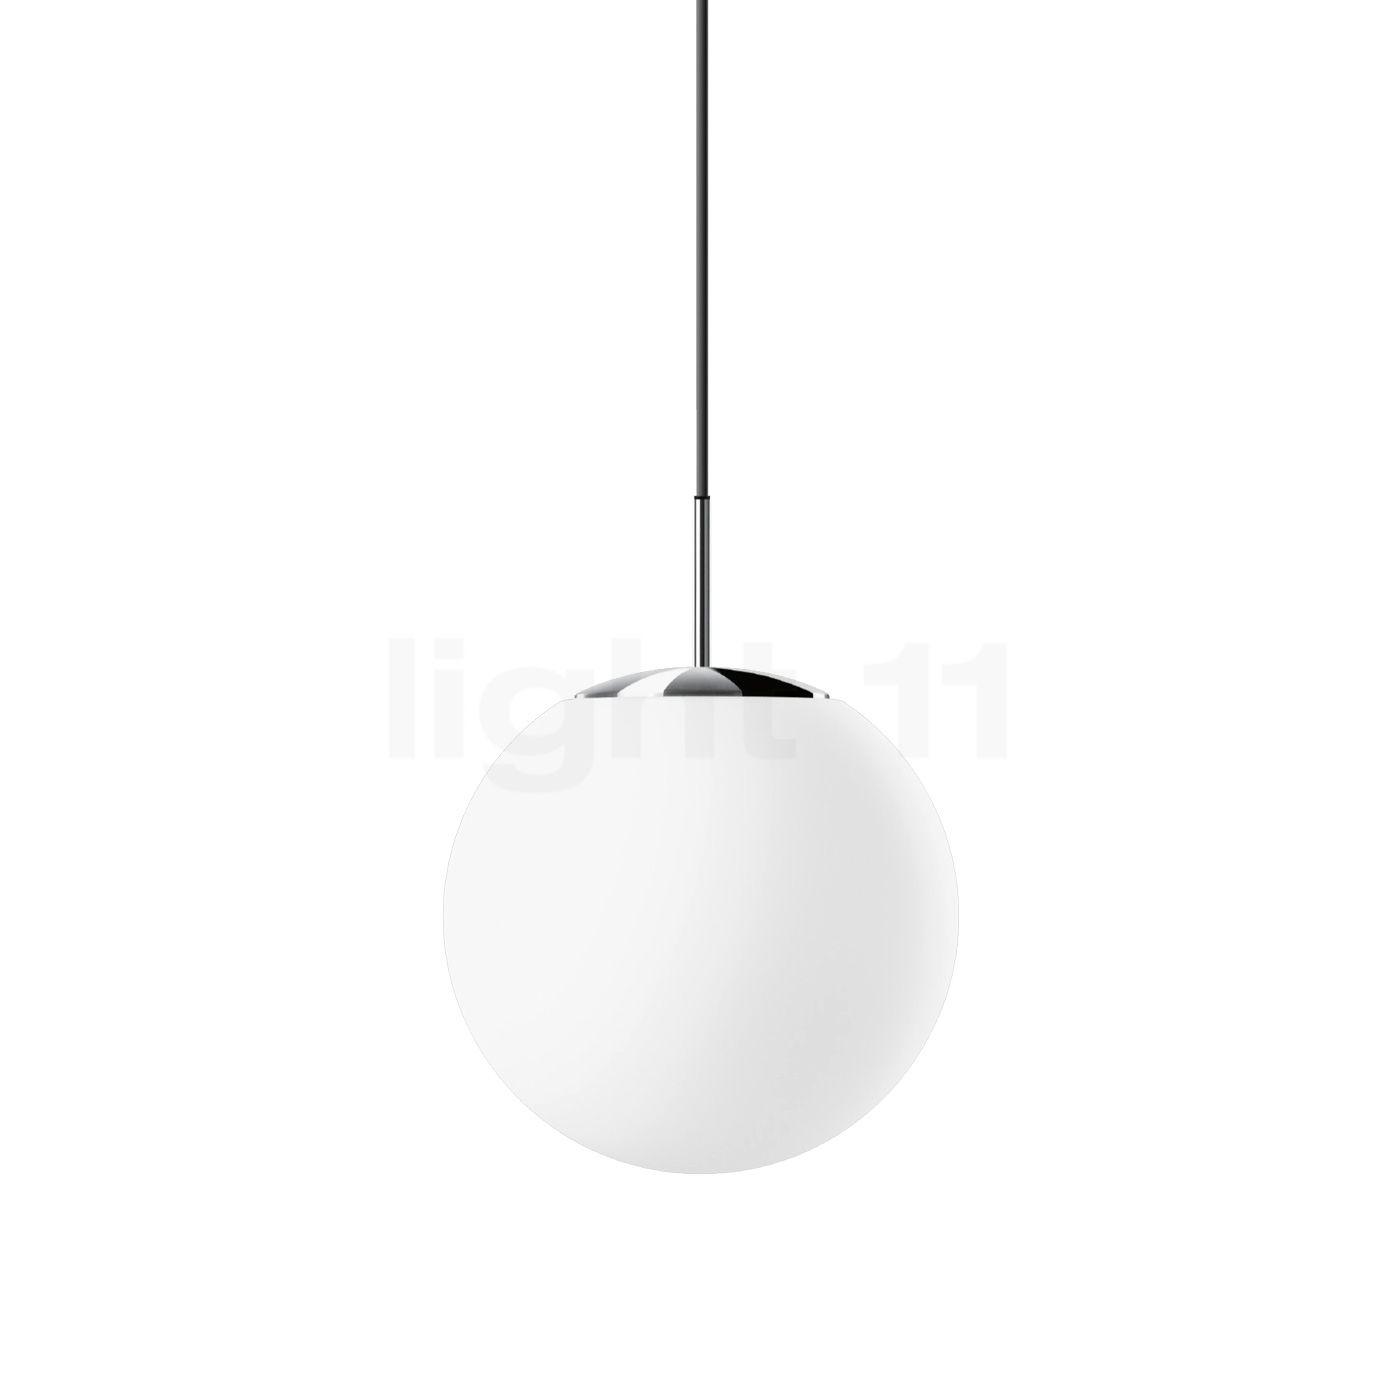 glash tte limburg 45486 3 pendelleuchte. Black Bedroom Furniture Sets. Home Design Ideas